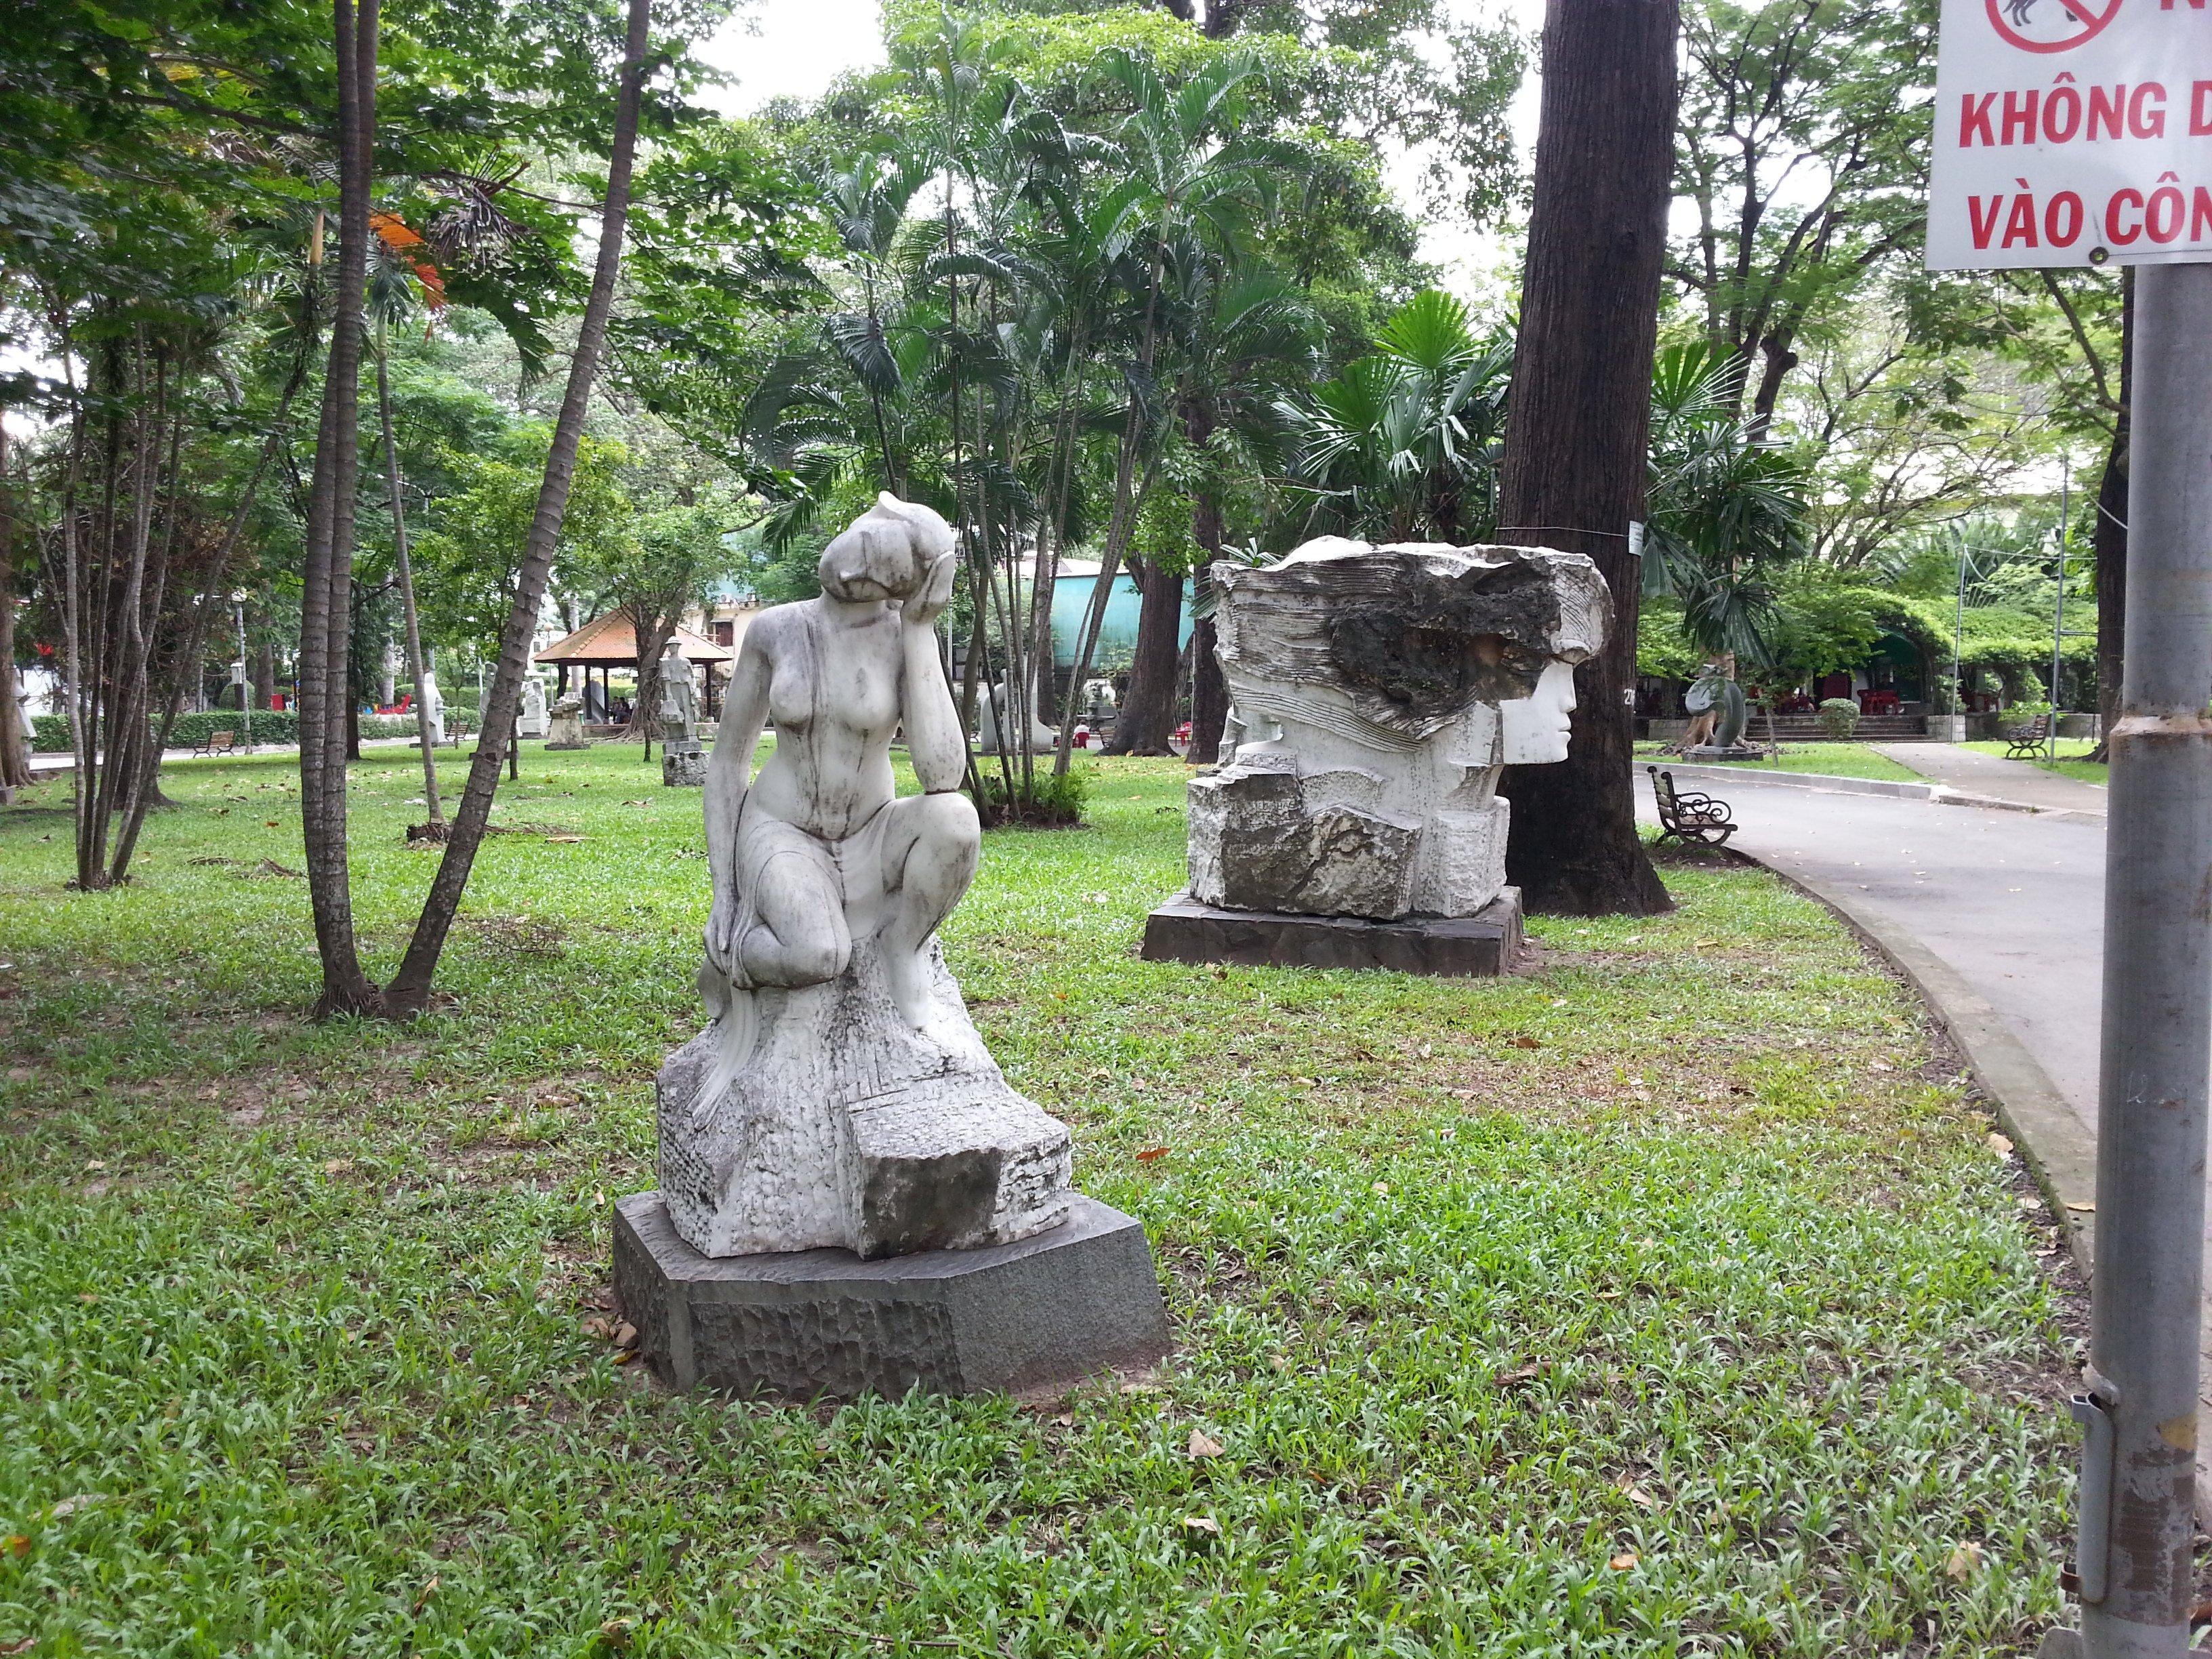 More sculptures in Tao Dan Park